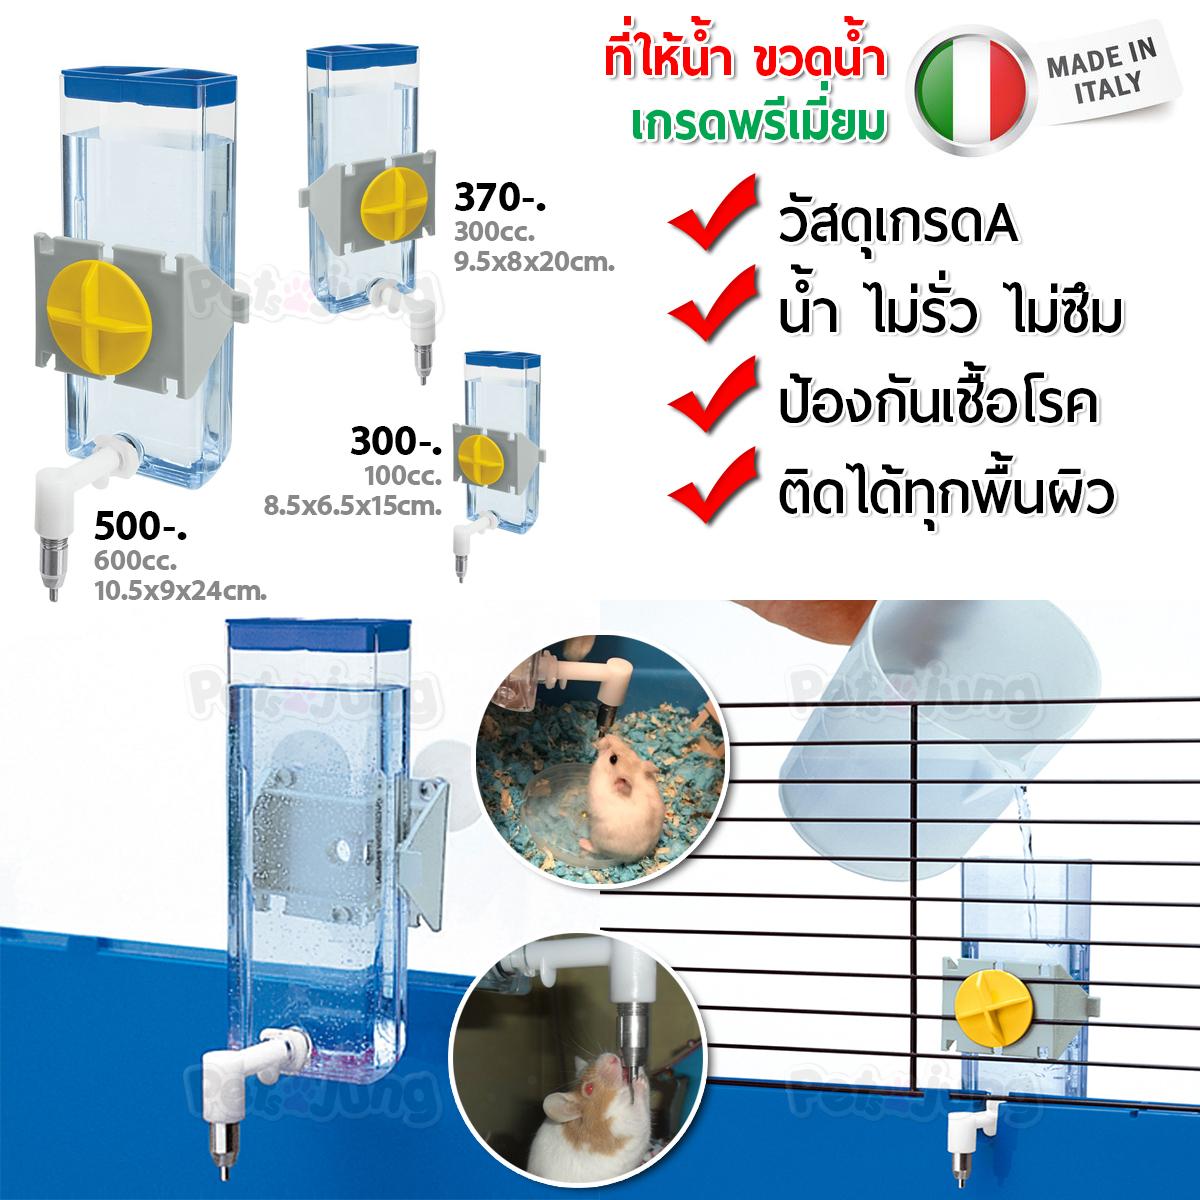 ที่ให้น้ำคุณภาพสูง ไม่หยด ไม่รั่ว ป้องกันเชื้อโรค Ferplast Sippy (100-600cc.)